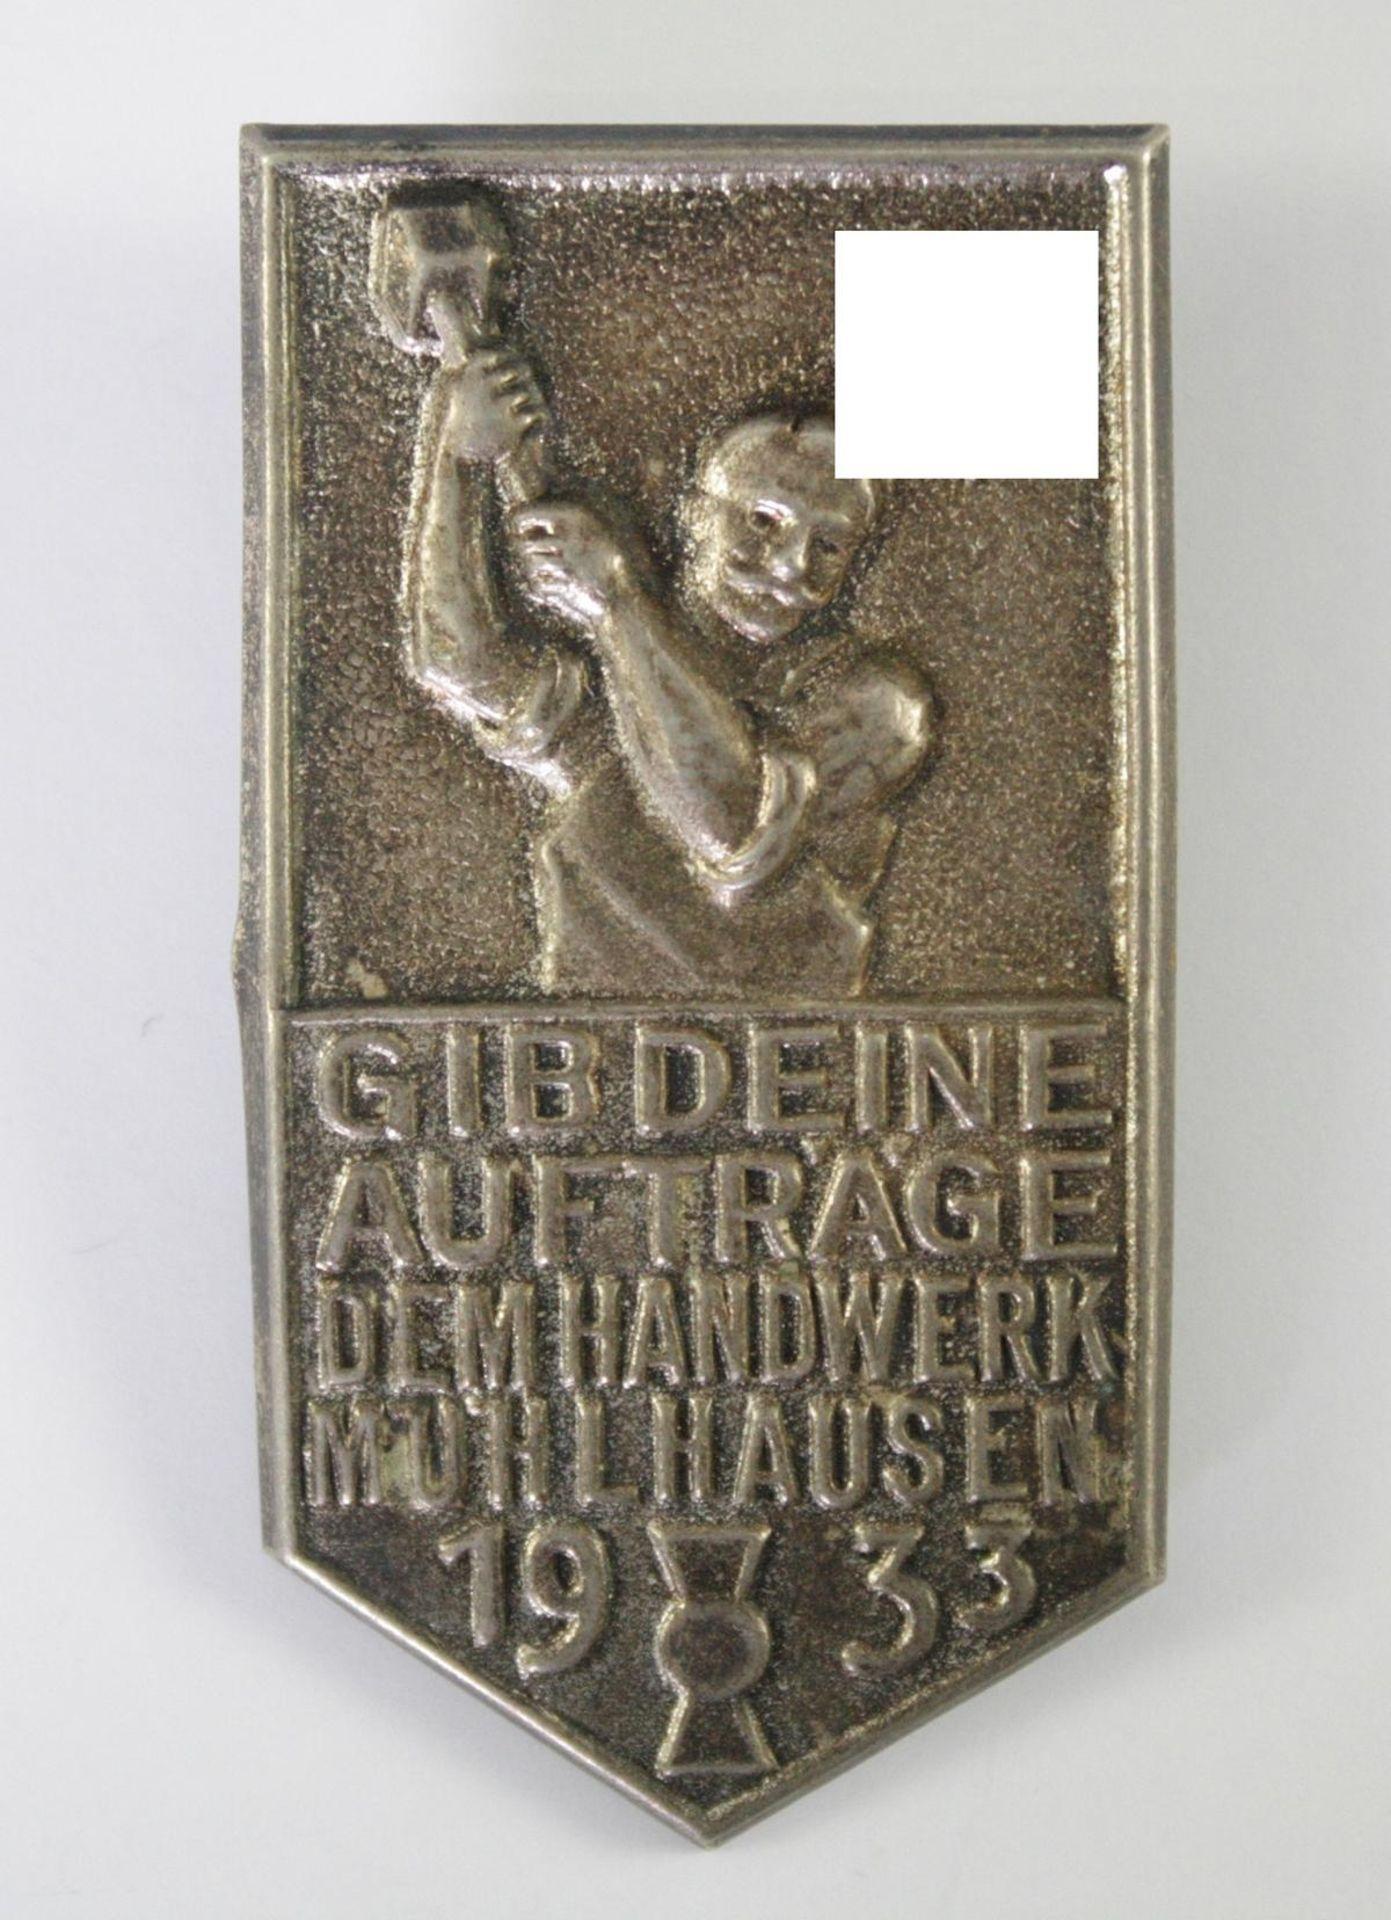 Abzeichen, Gib deine Aufträge dem Handwerk Mühlhausen, 1933